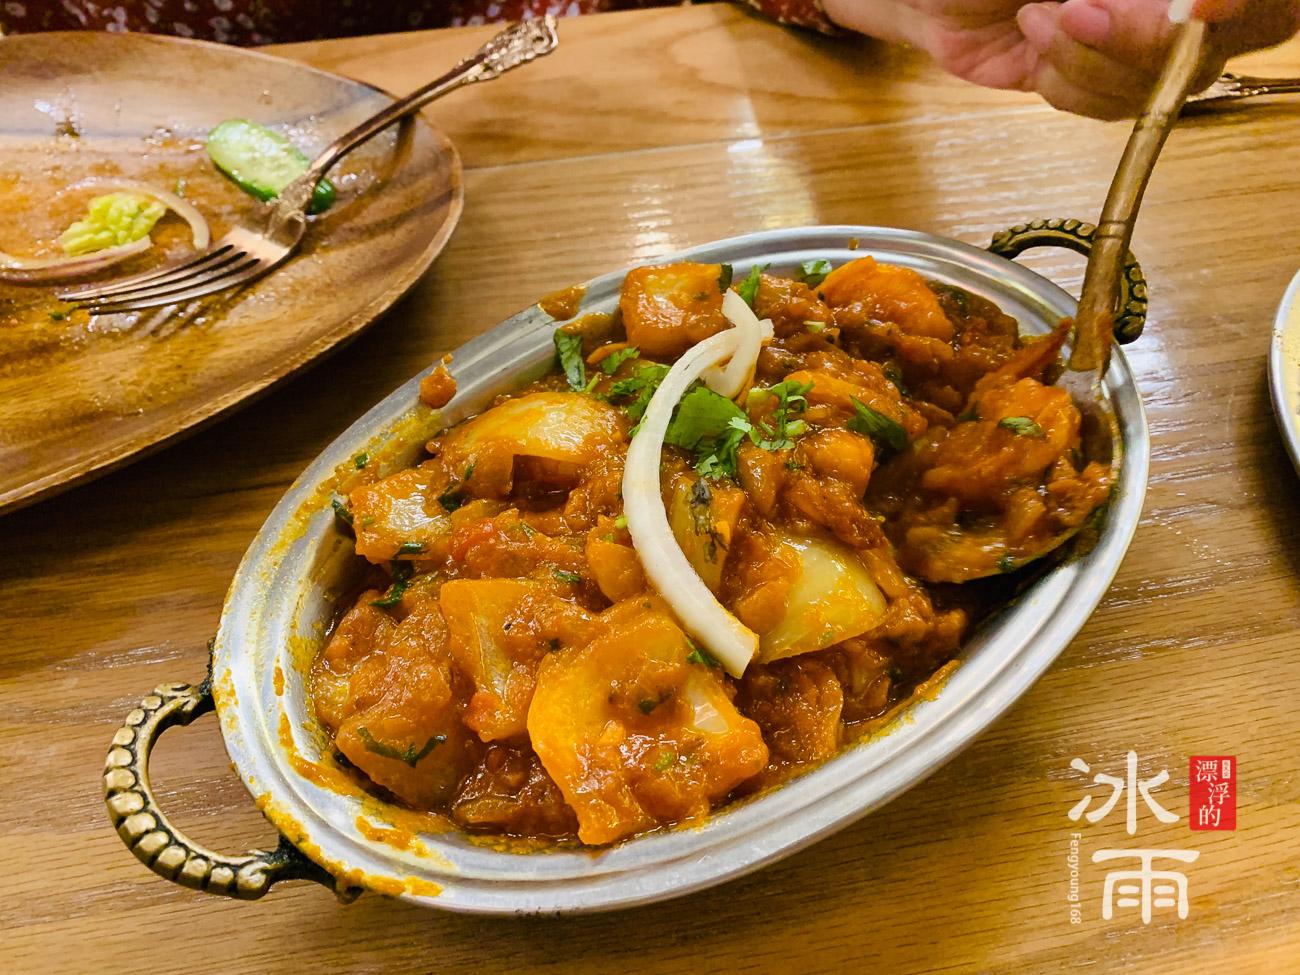 印渡風情|印度料理餐廳|洋蔥咖哩雞肉